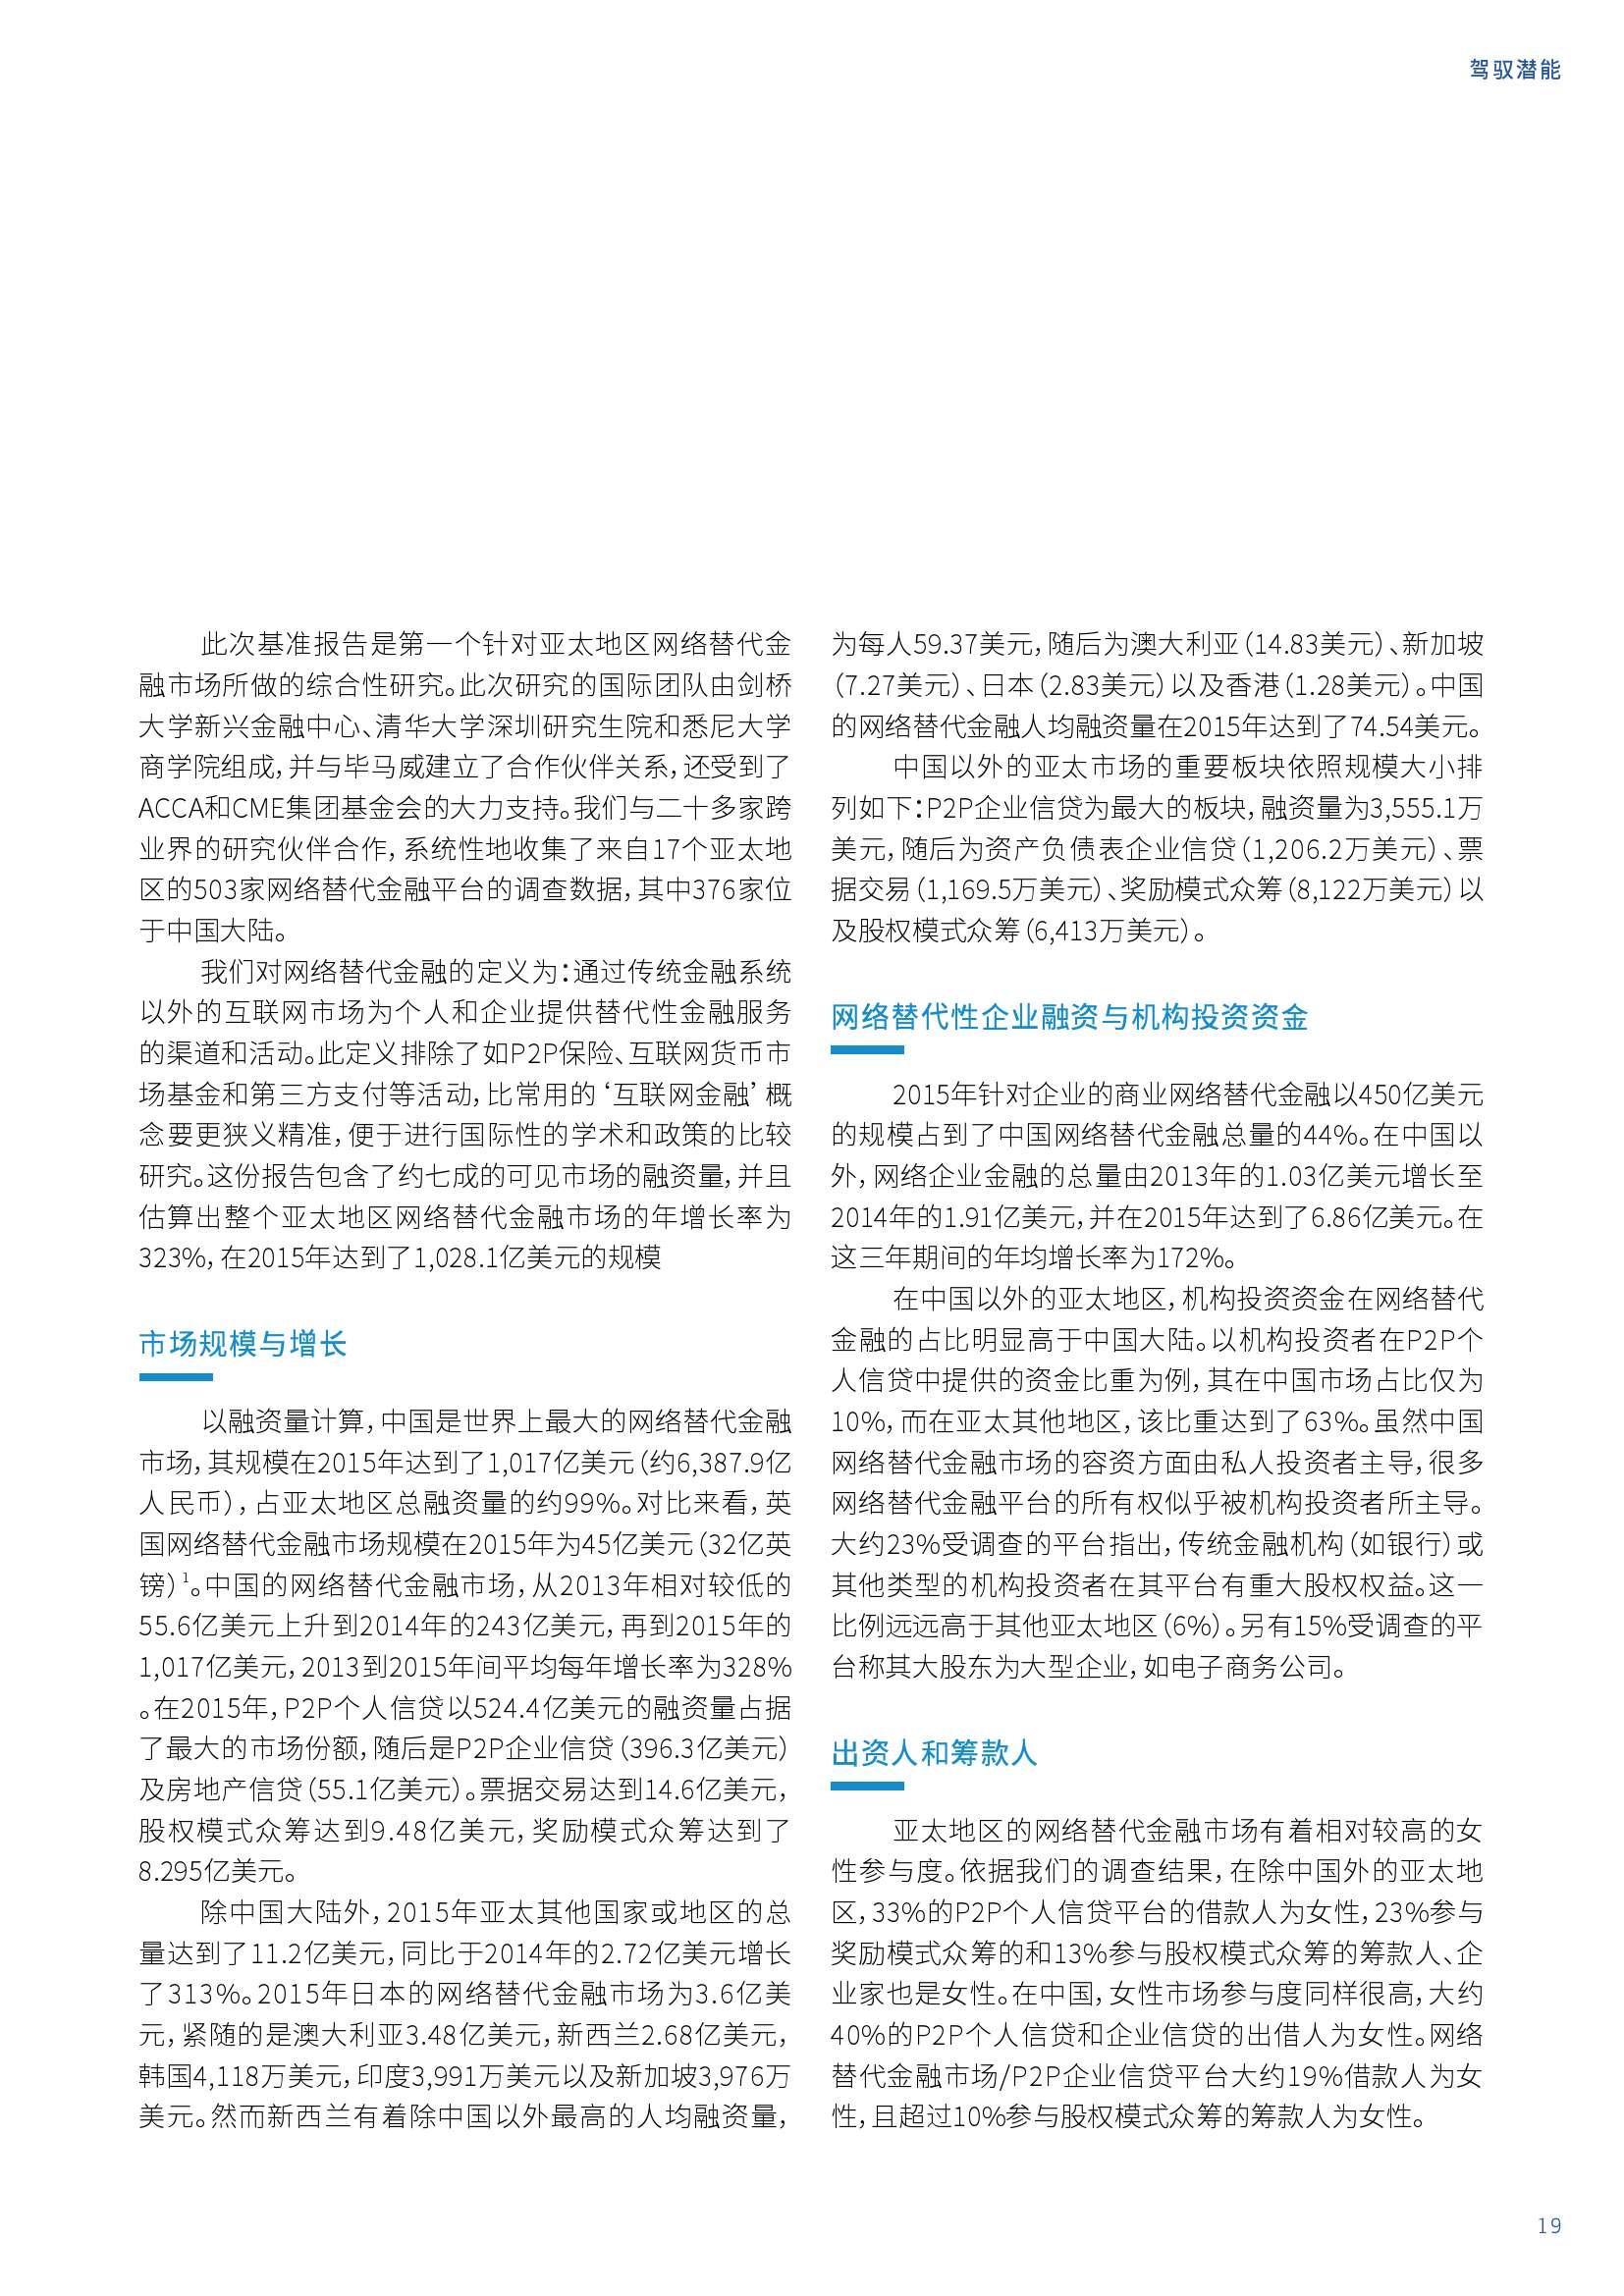 亚太地区网络替代金融基准报告_000019